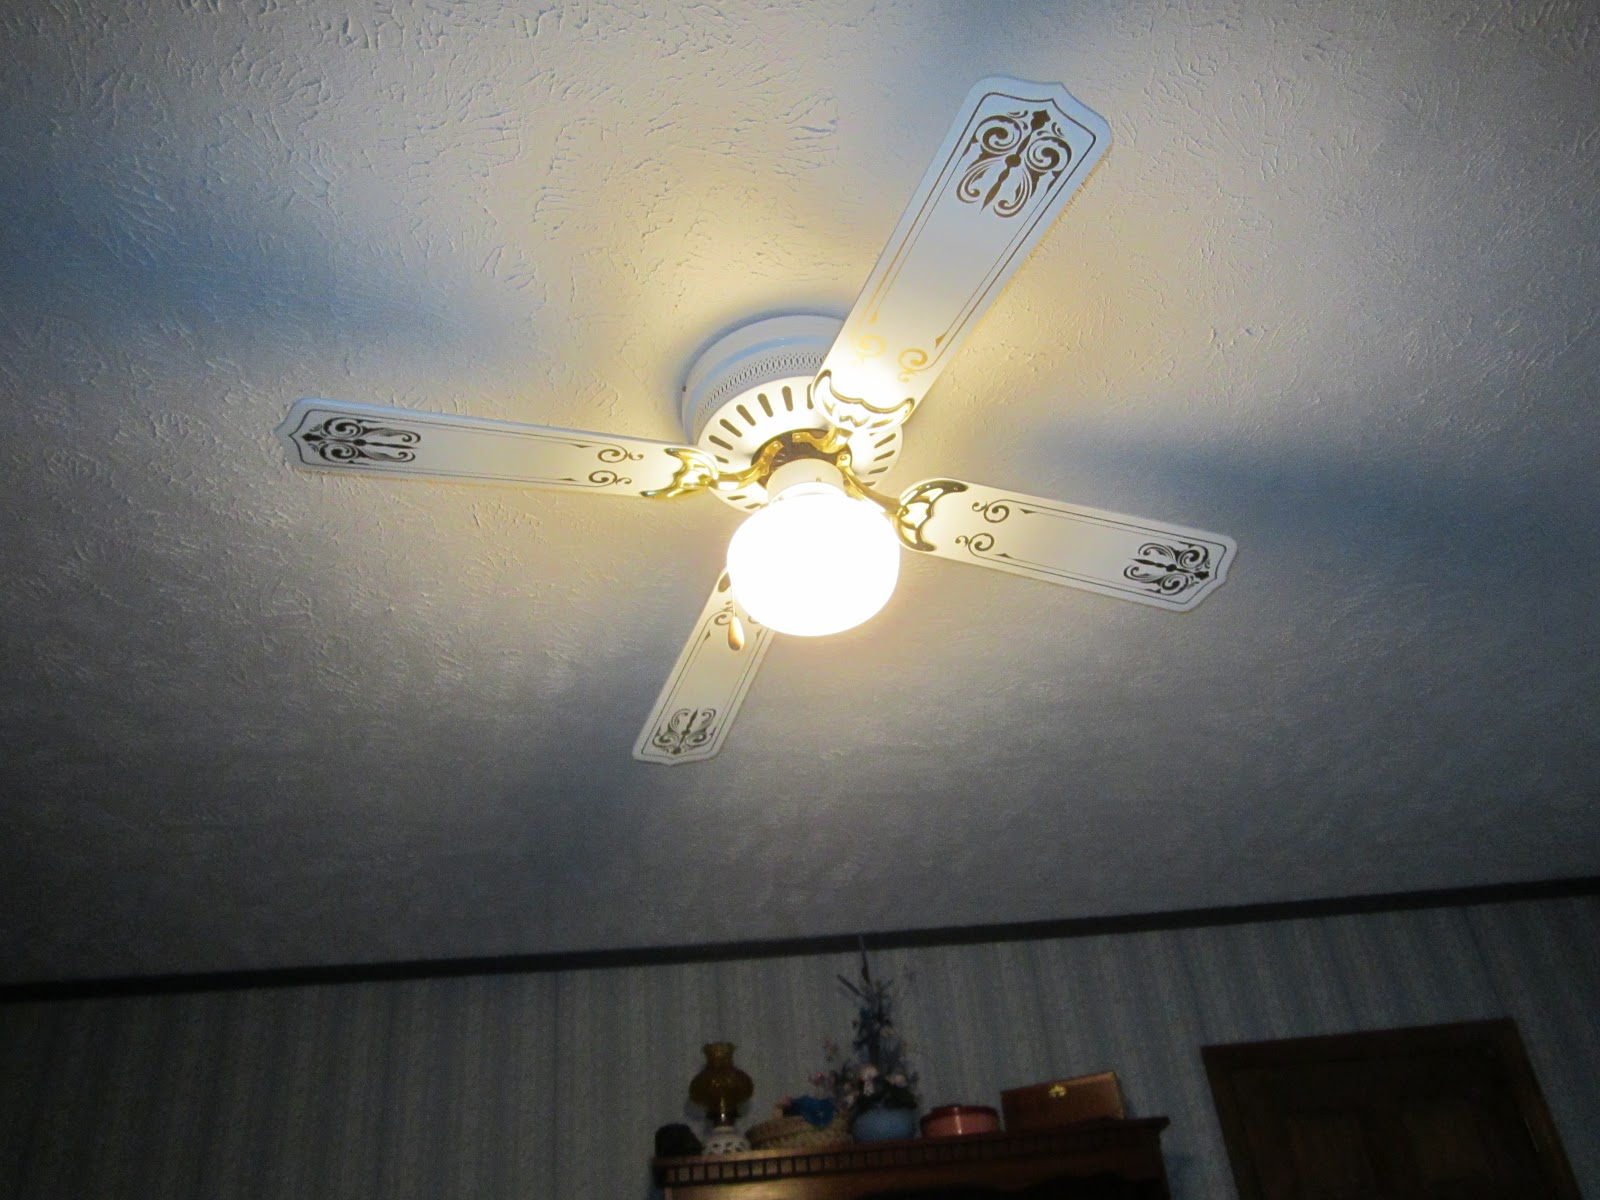 Frugal workshop saving on electricity reverse ceiling fans for winter saving on electricity reverse ceiling fans for winter mozeypictures Choice Image